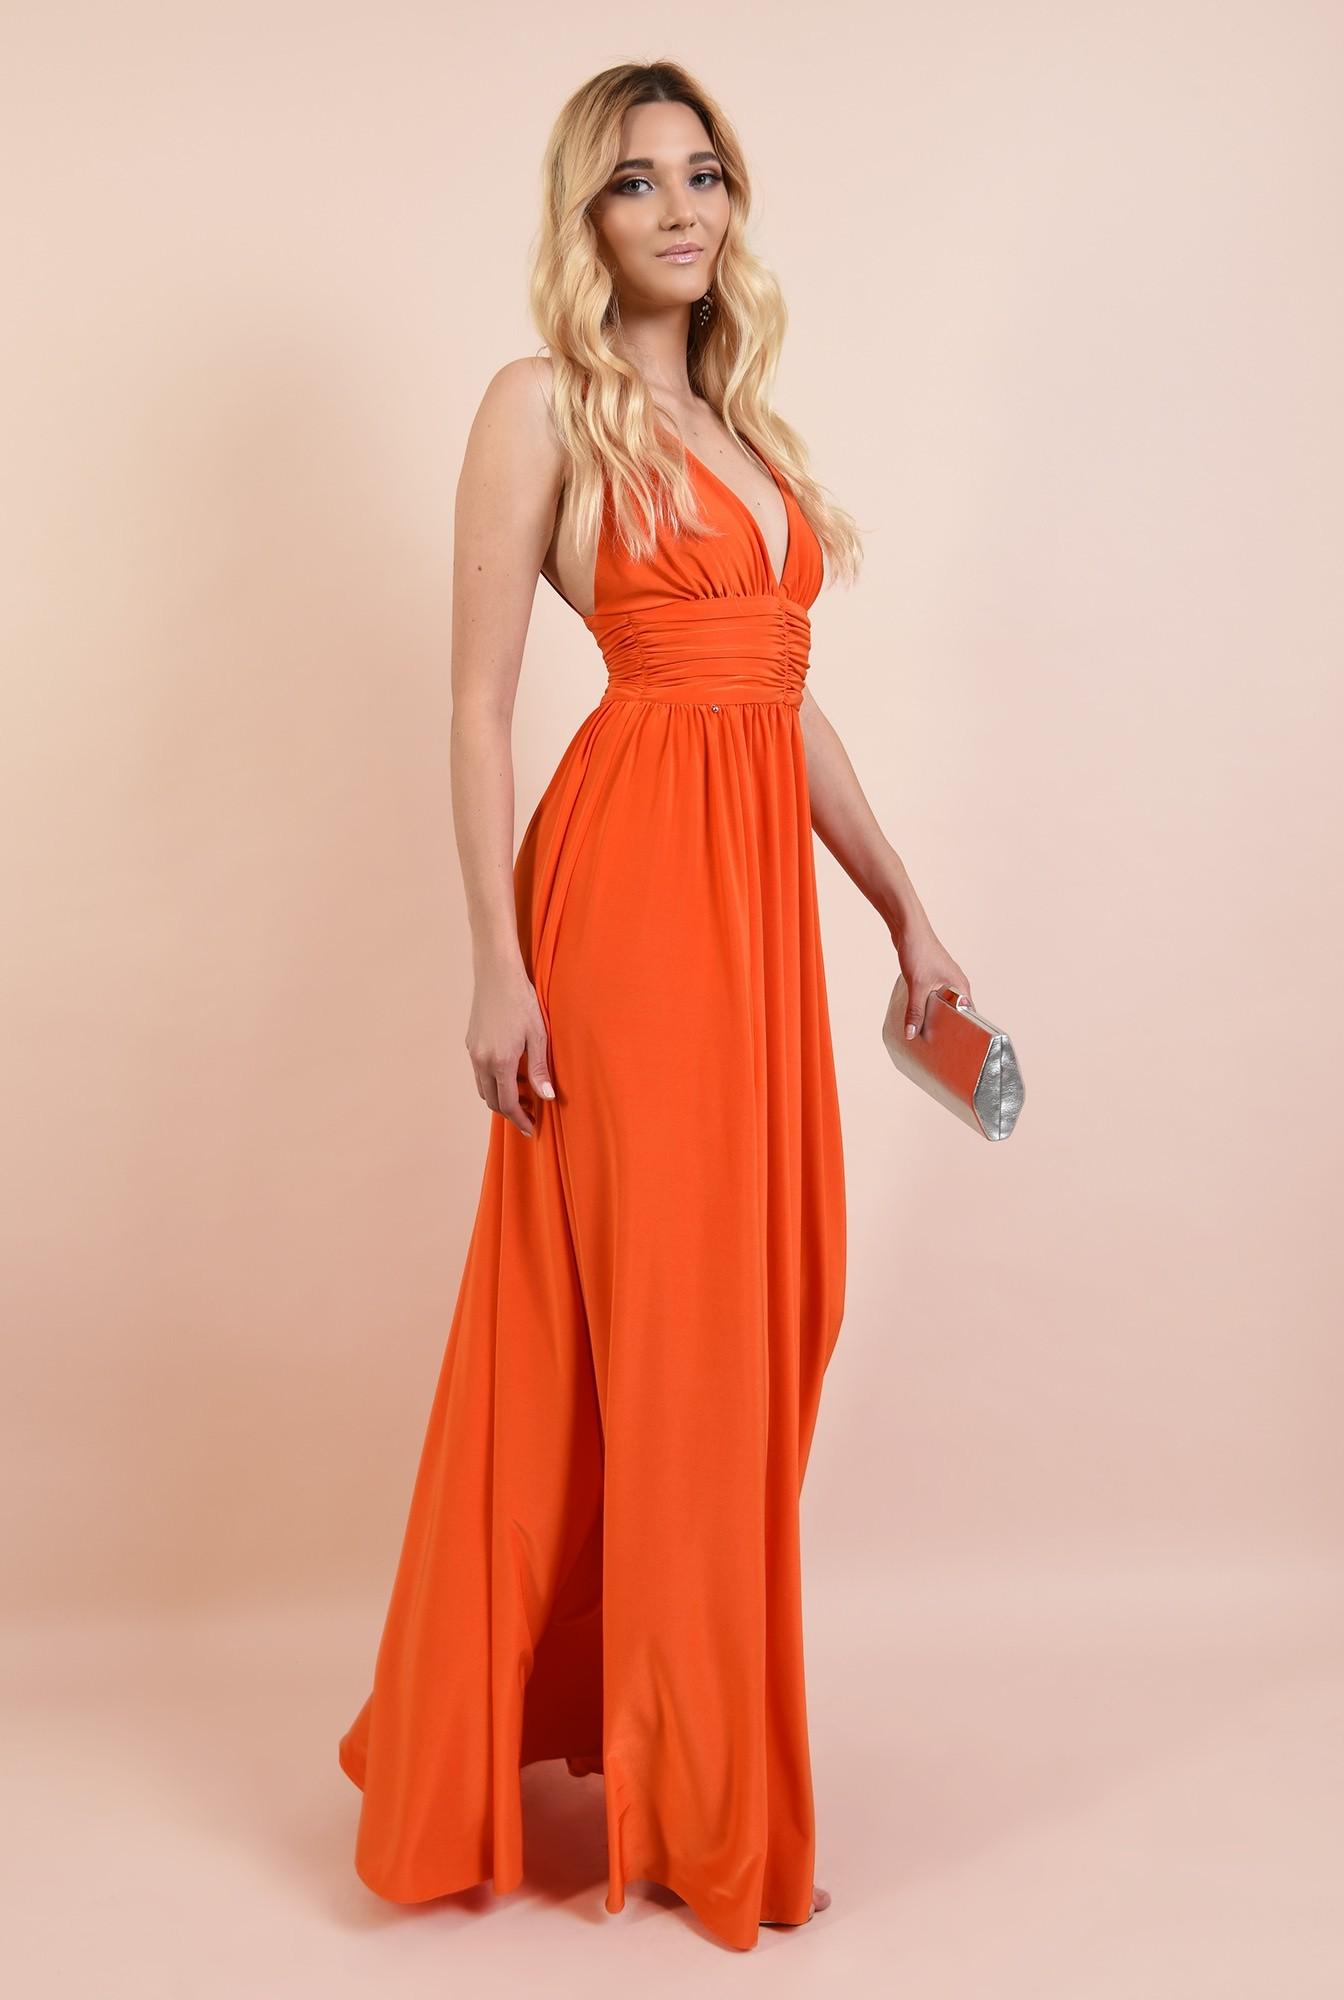 rochie eleganta, cu decolteu adanc, spate dezgolit, bretele, clos, corai